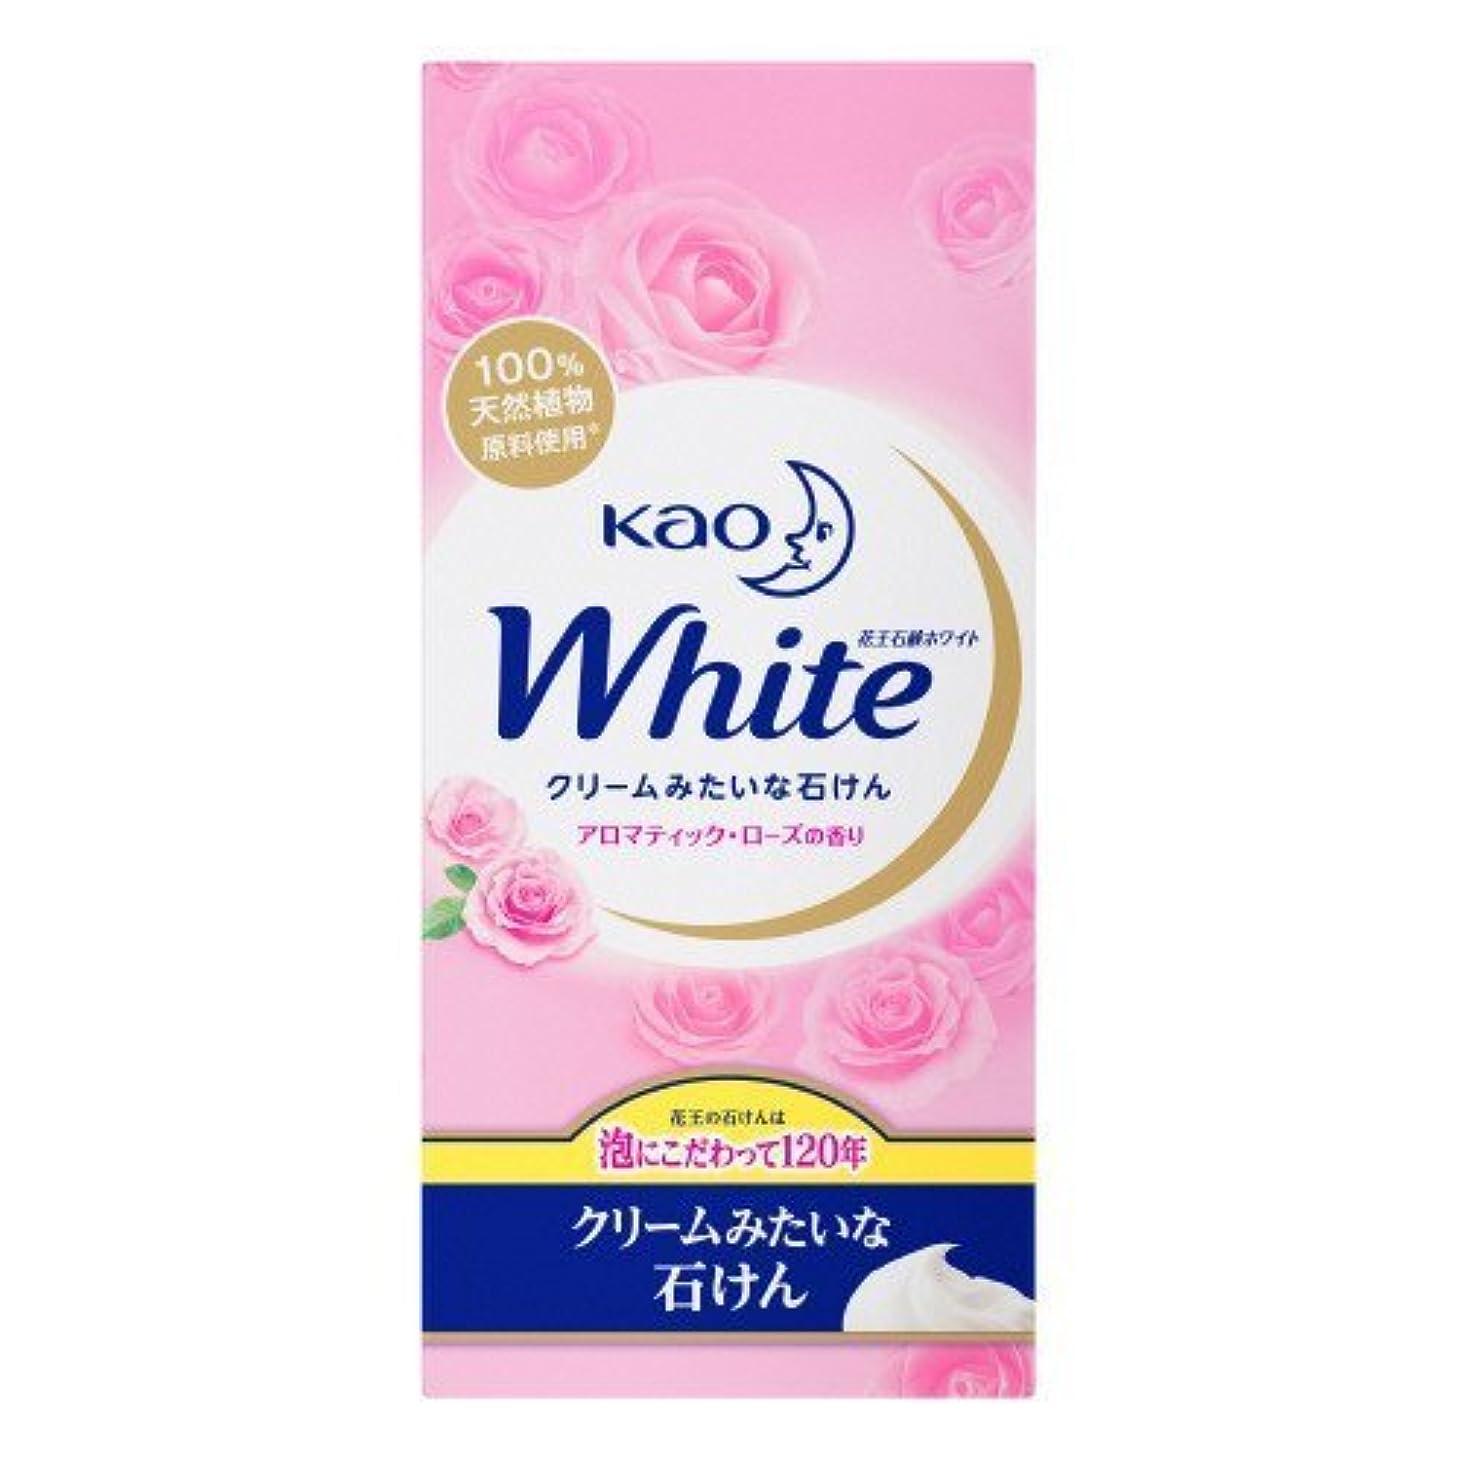 しっかり塩辛い可動式【花王】花王ホワイト アロマティックローズの香りレギュラーサイズ (85g×6個) ×5個セット